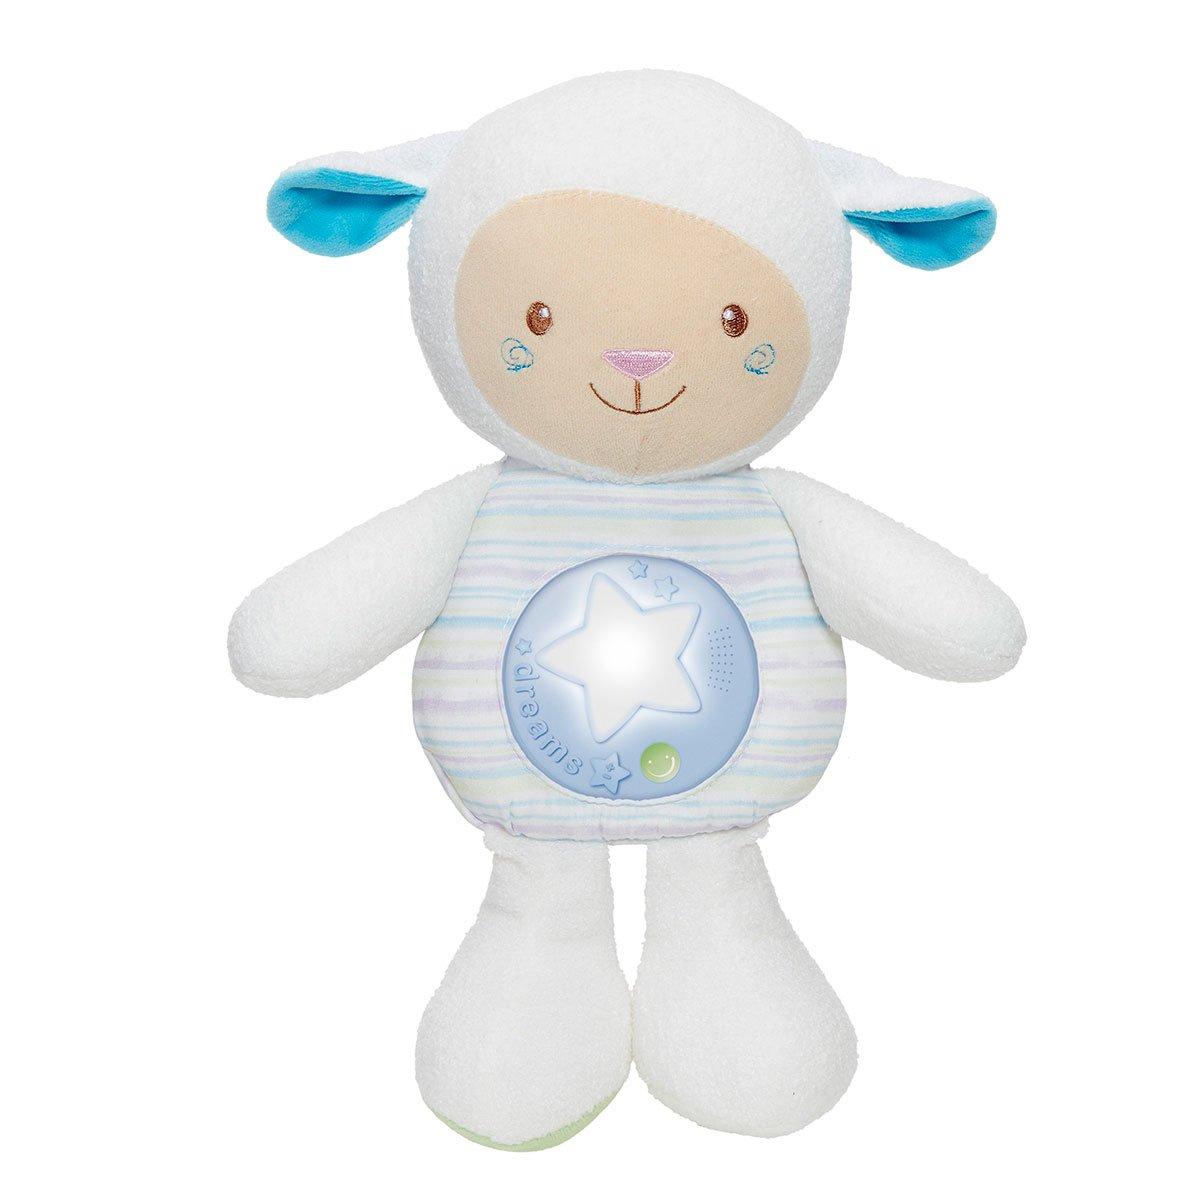 Chicco - Ovejita Dulces Nanas, suave peluche con proyector y sensor de sonido, color azul: Amazon.es: Juguetes y juegos